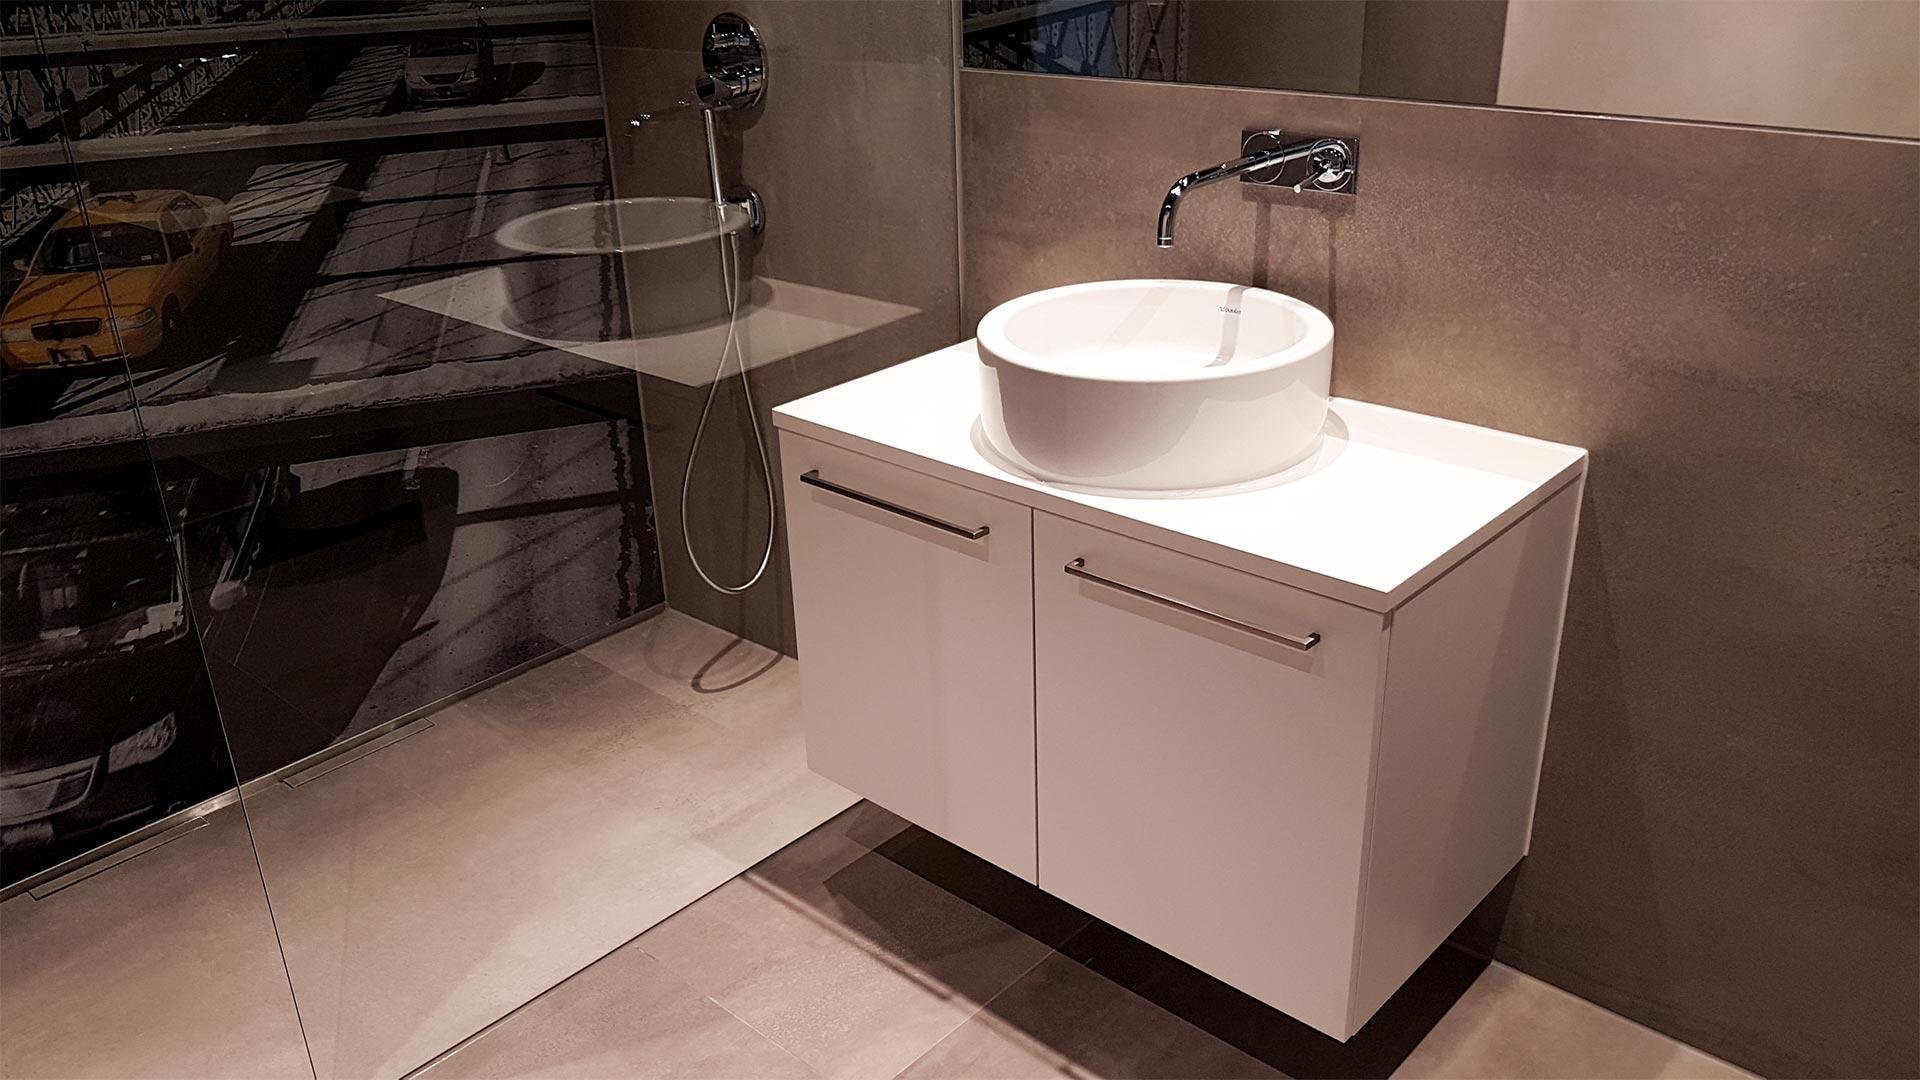 Duschkabine, Waschtische und Wasserbett   Referenzen ...